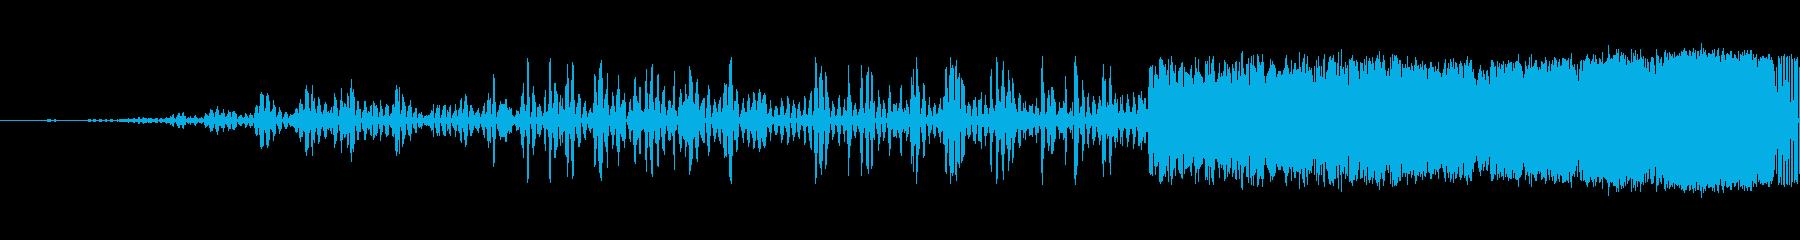 細いスワイプ4の再生済みの波形